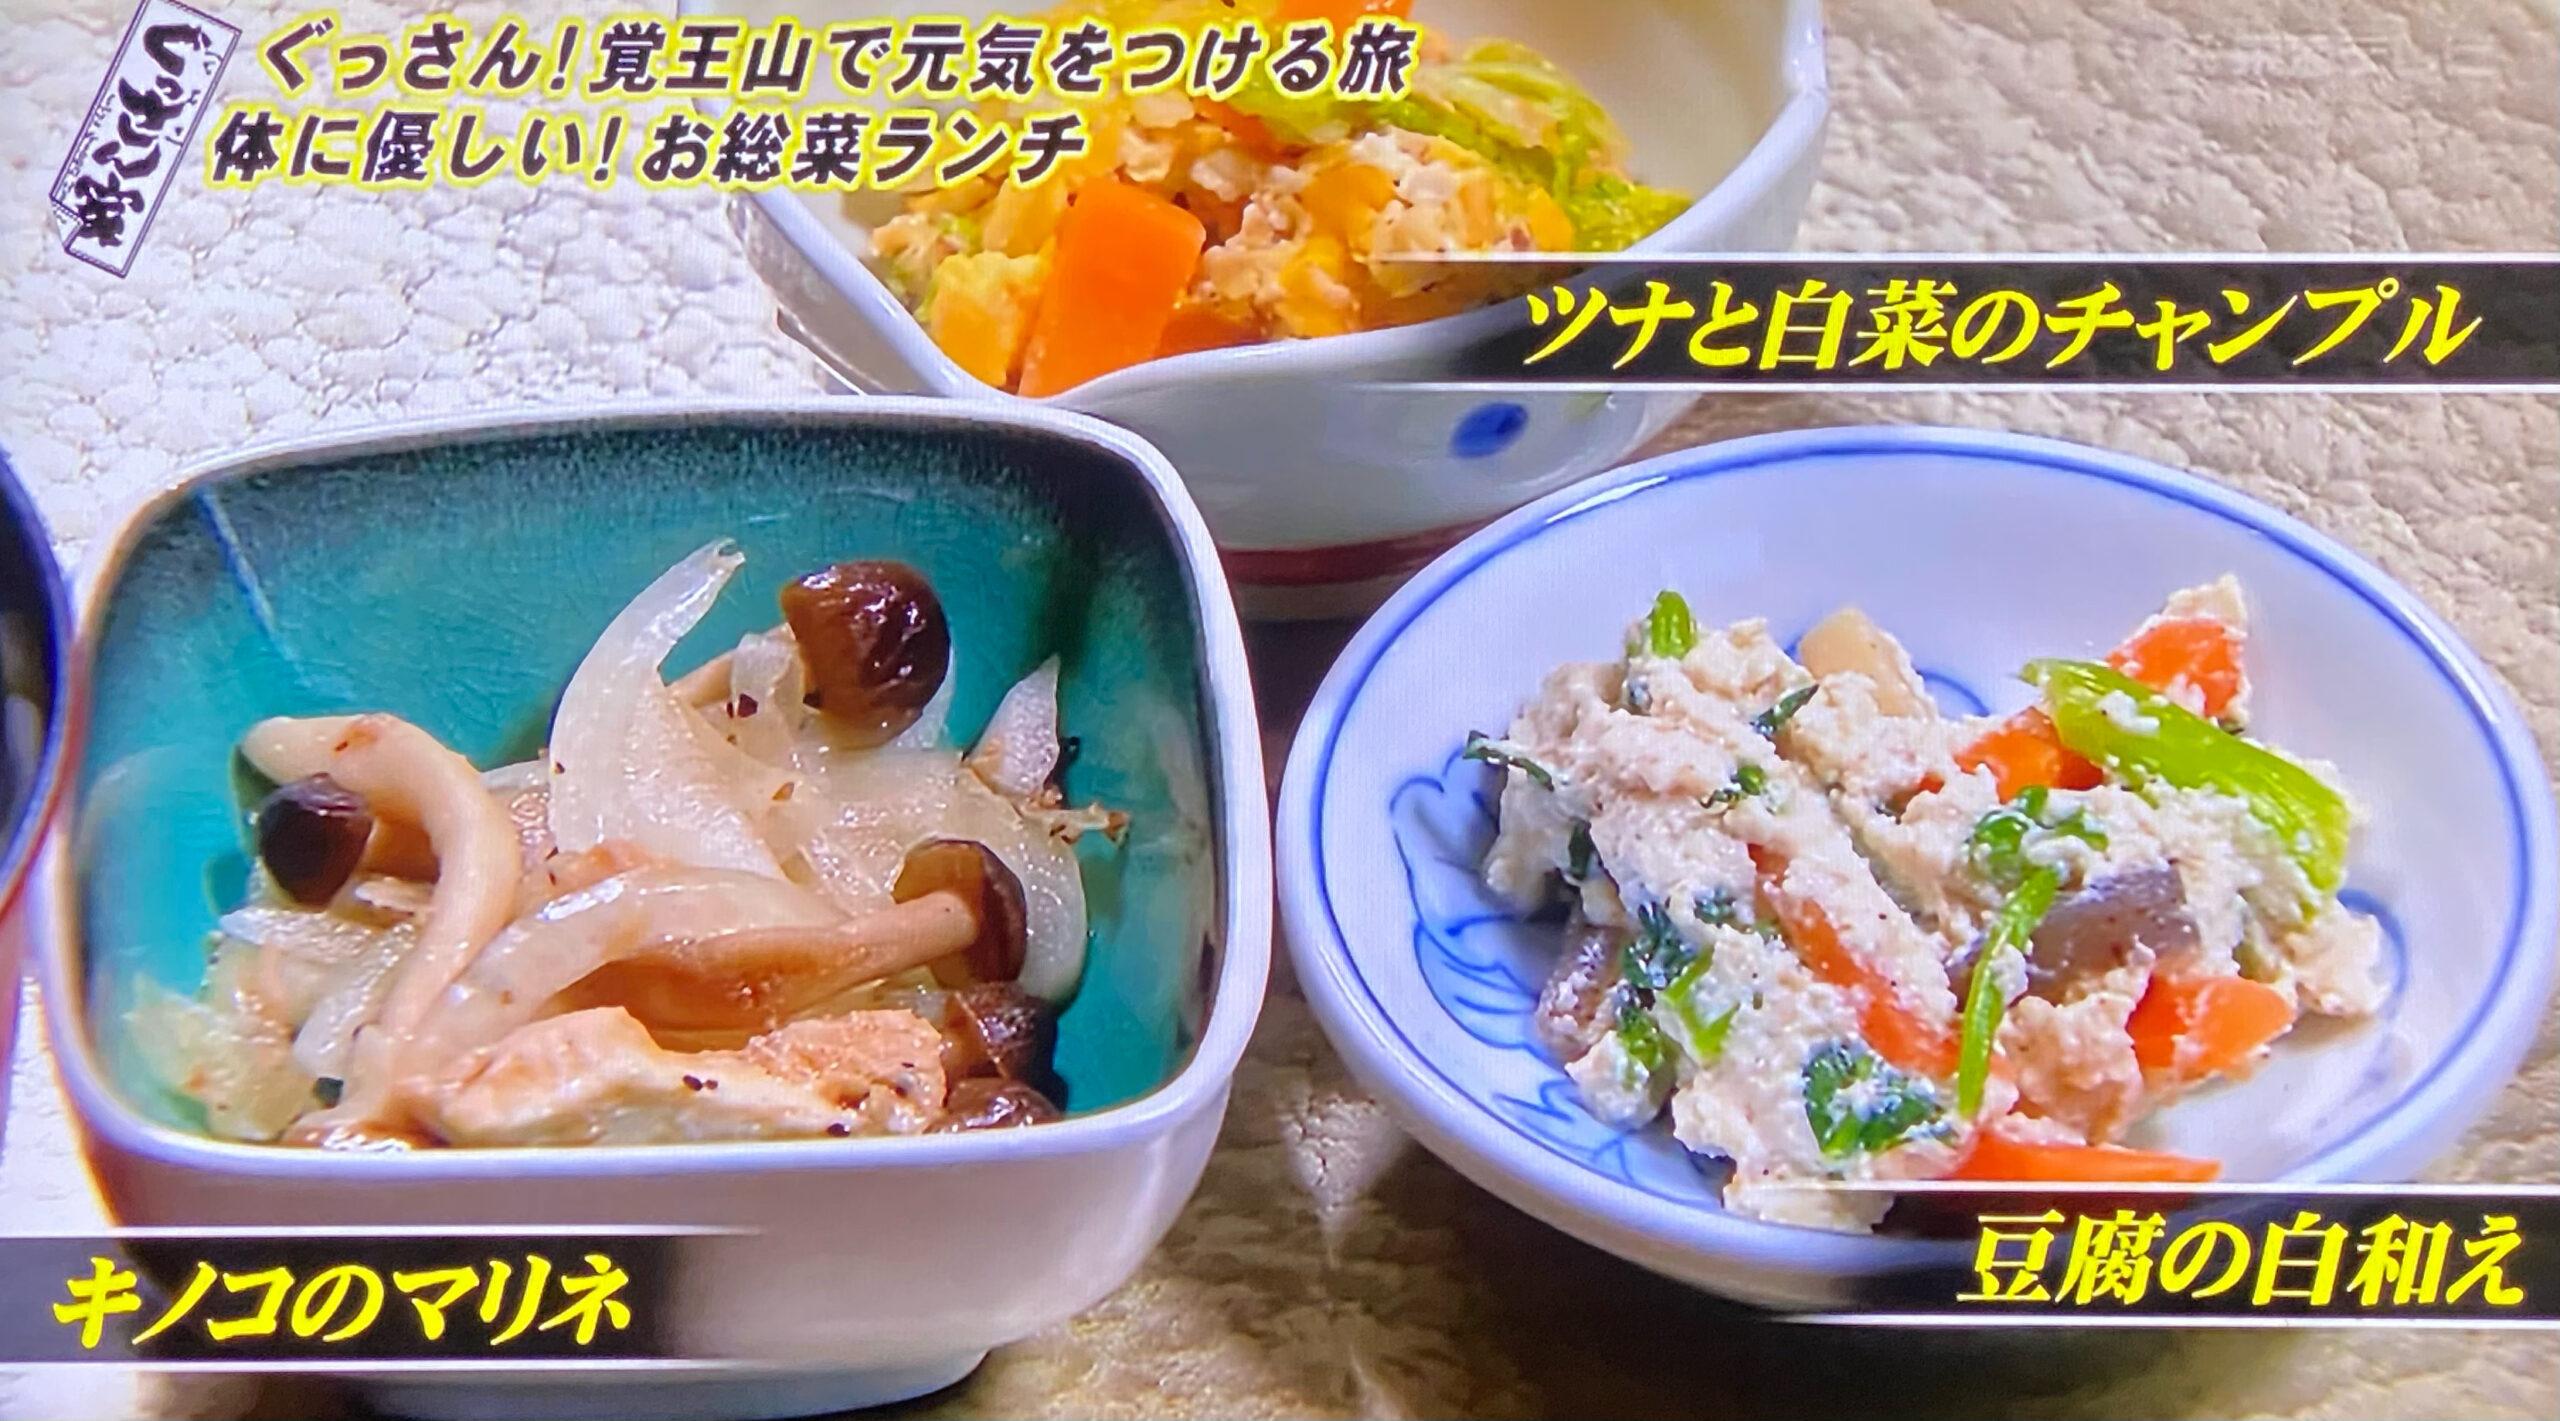 ぐっさん家 お惣菜屋さん 覚王山